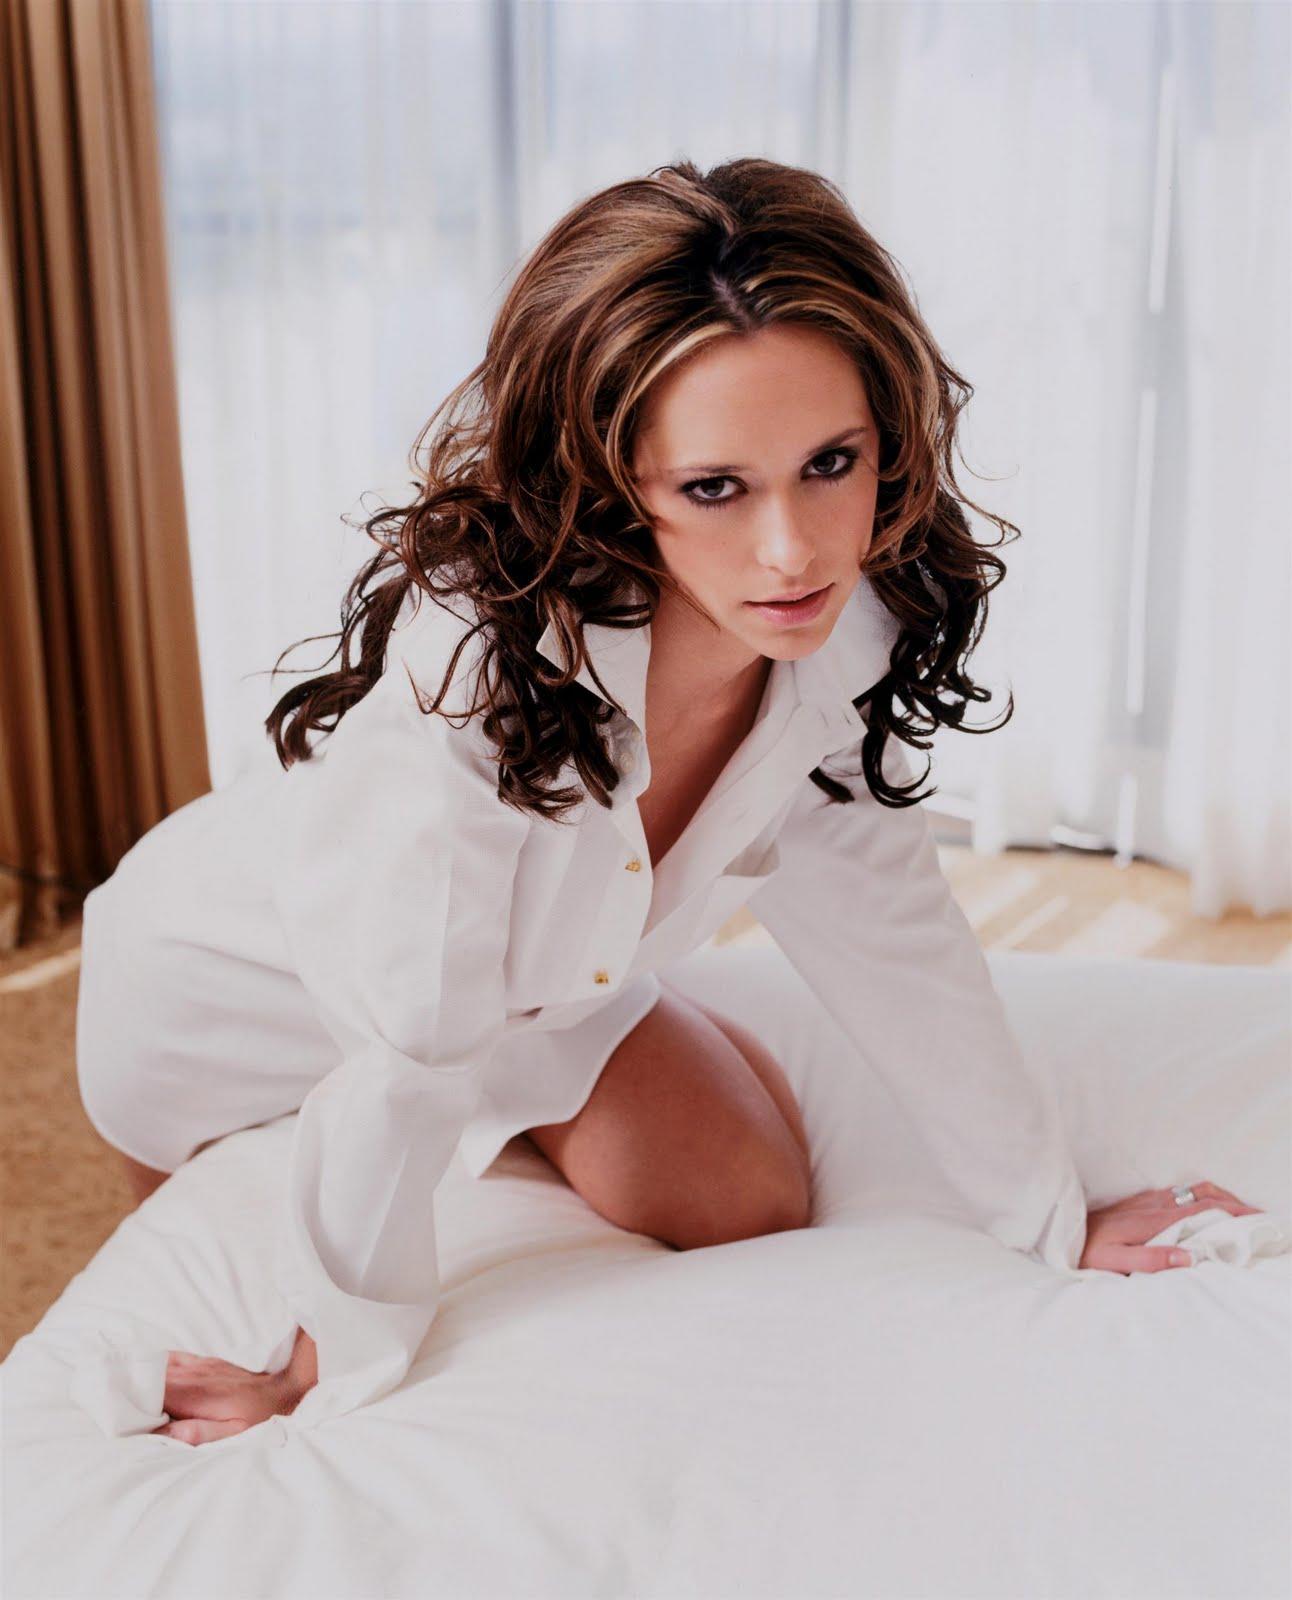 http://3.bp.blogspot.com/_cyH_7sPxVcQ/TIELIL7brFI/AAAAAAAAFWQ/TDDQnBKelp0/s1600/Jennifer+Love+Hewitt+Sexy+Shirt+Photoshoot+%282%29.jpg